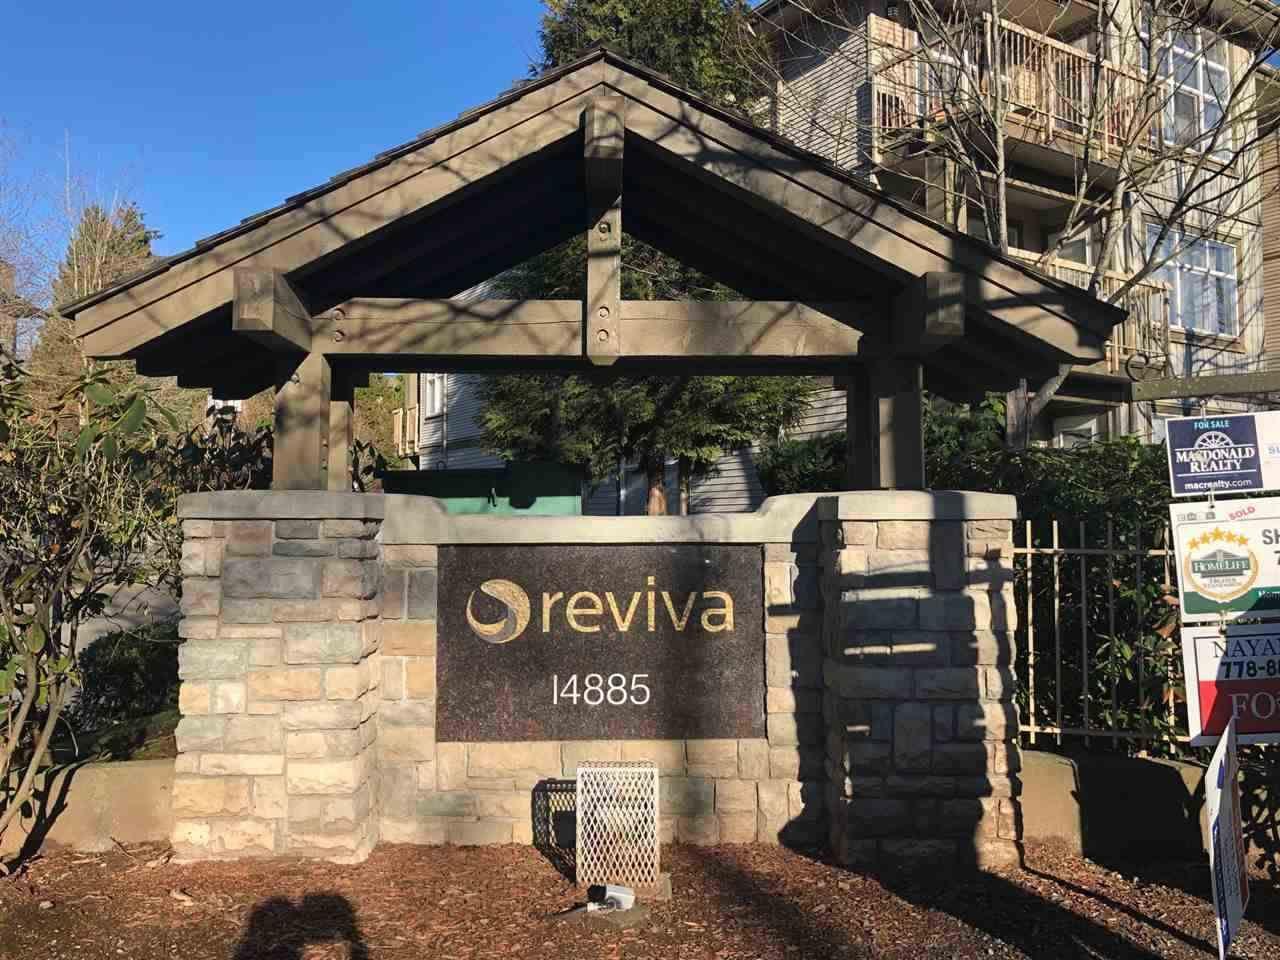 """Main Photo: 209 14885 105 Avenue in Surrey: Guildford Condo for sale in """"REVIVA"""" (North Surrey)  : MLS®# R2350839"""